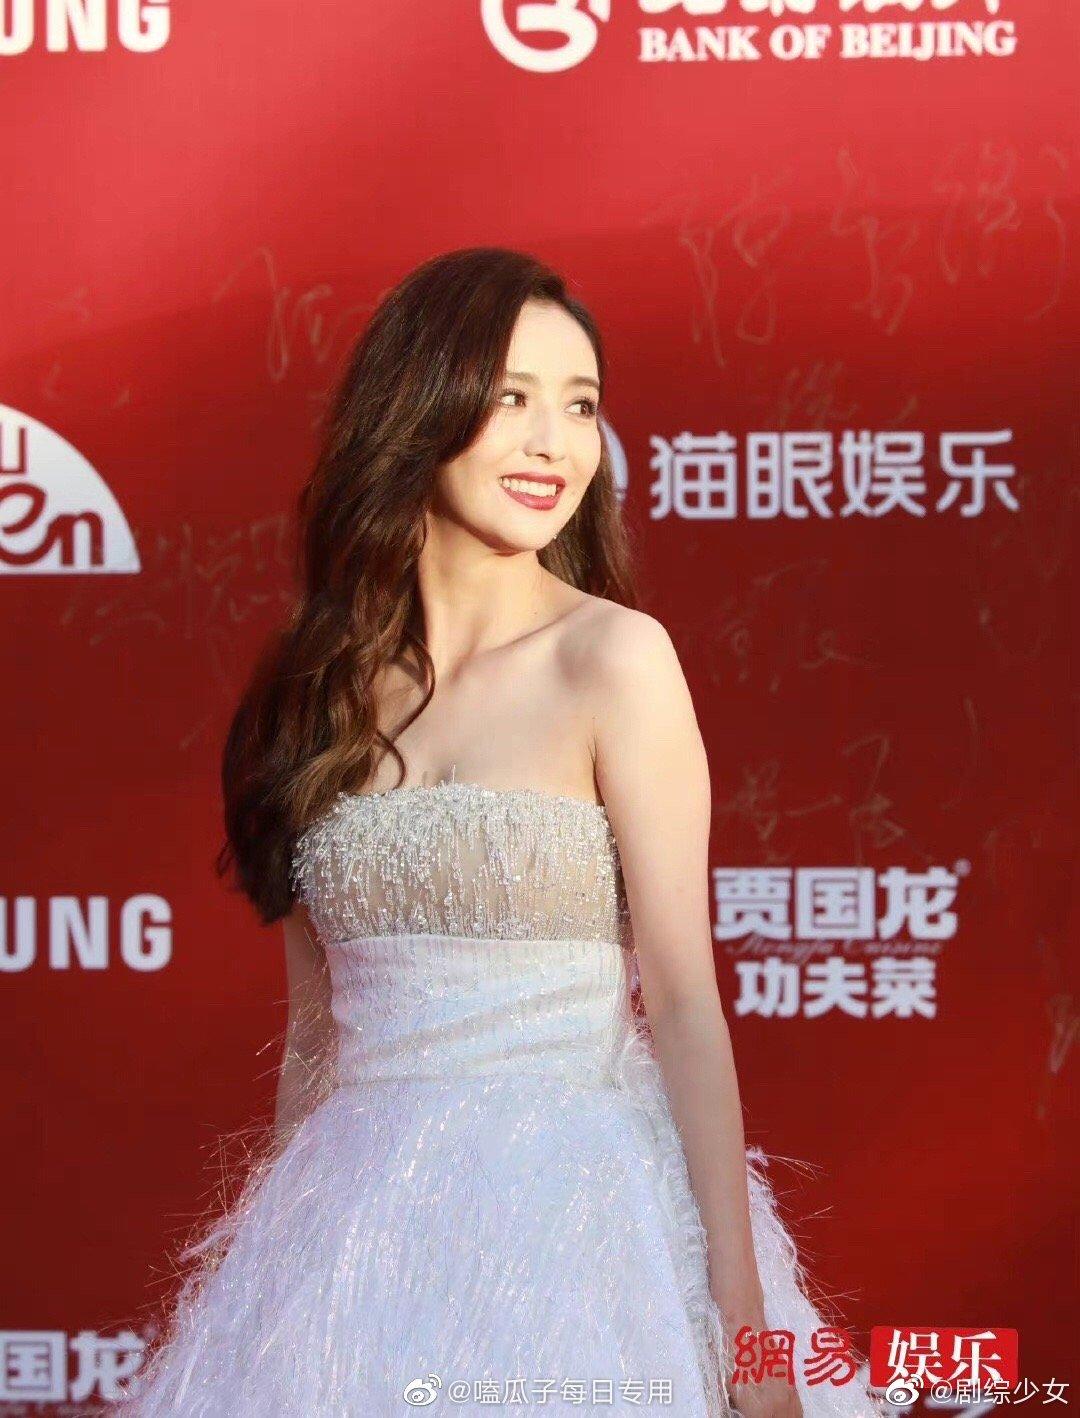 Thảm đỏ LHP Bắc Kinh: Angela Baby và mỹ nhân Tân Cương kinh diễm nhưng lộ tá khuyết điểm, Trần Khôn soái át cả đàn em 9X - Ảnh 6.